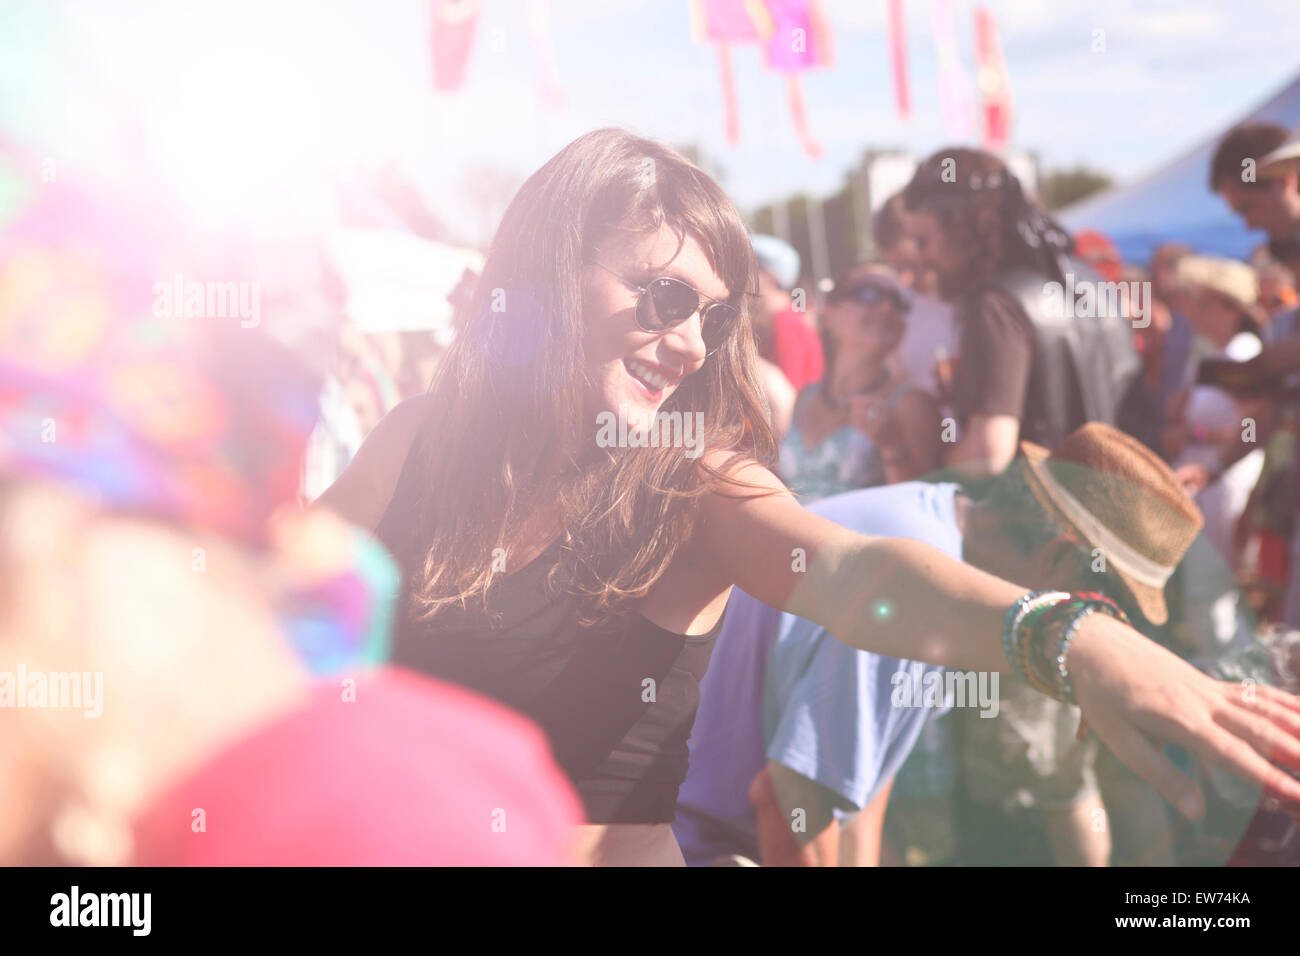 Chica bailando en el festival de música de verano Imagen De Stock